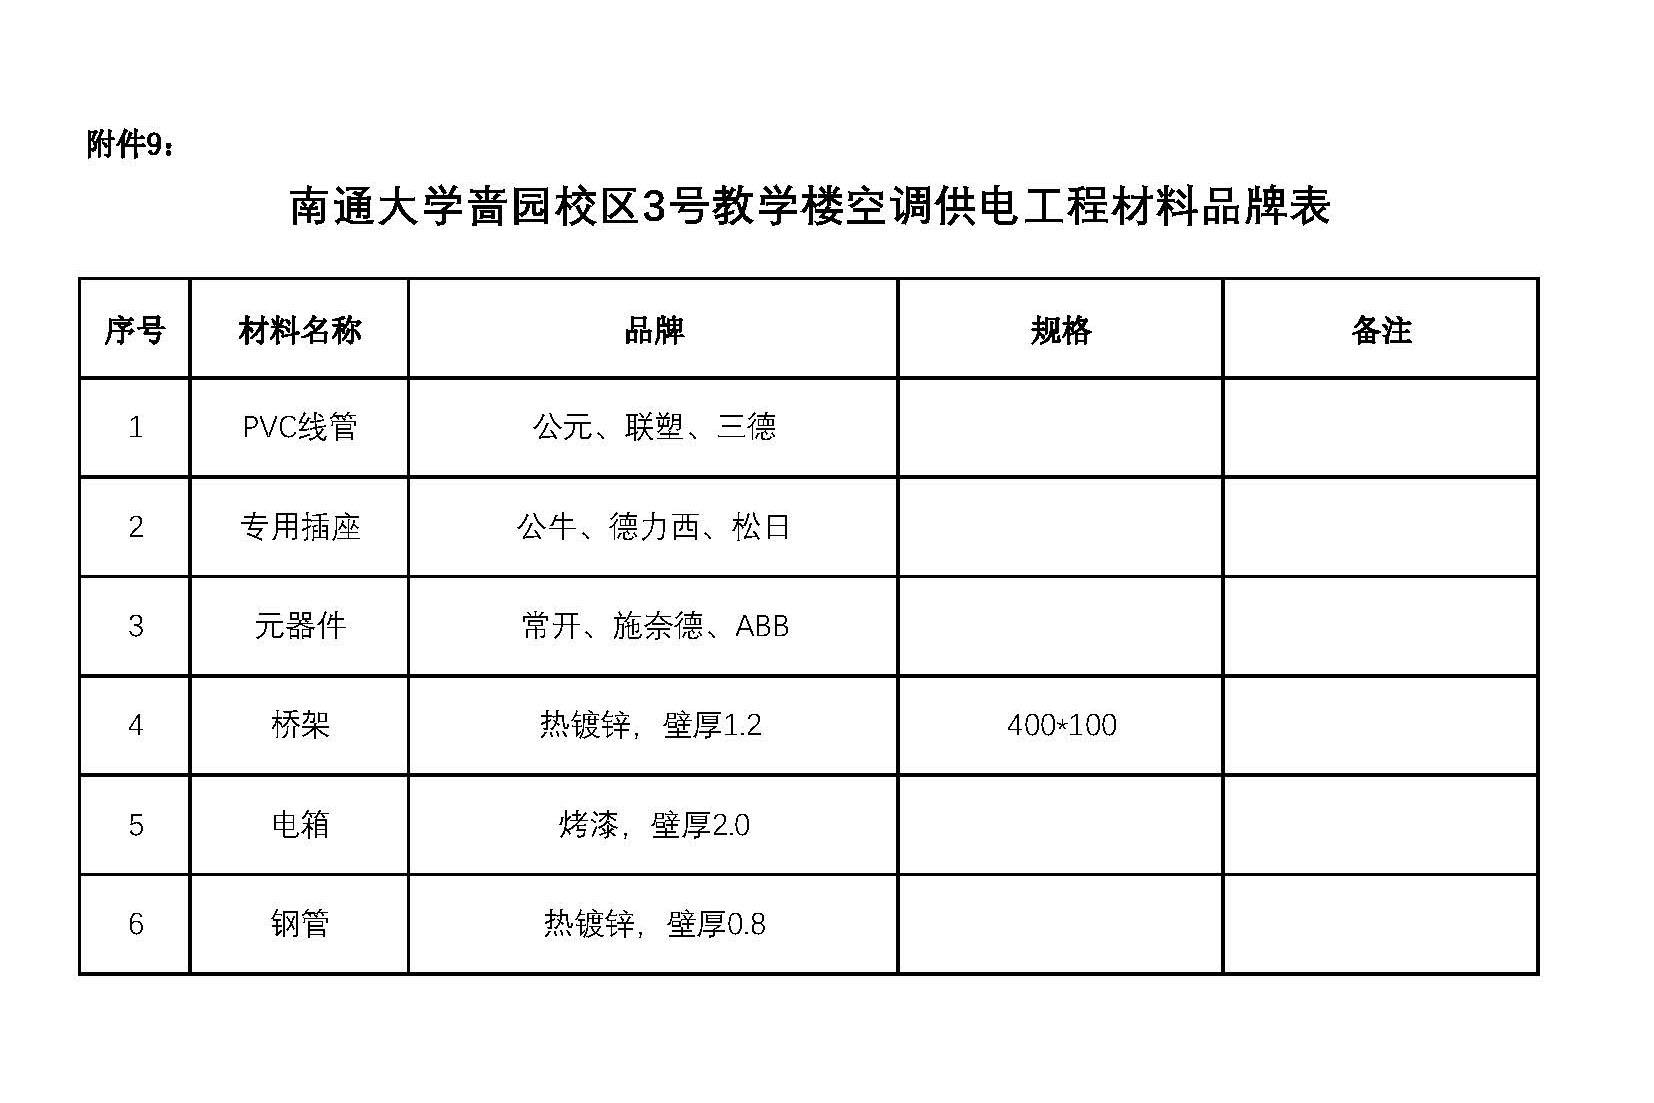 附件9 啬园校区教学3号楼教室空调电源安装工程材料品牌表.jpg